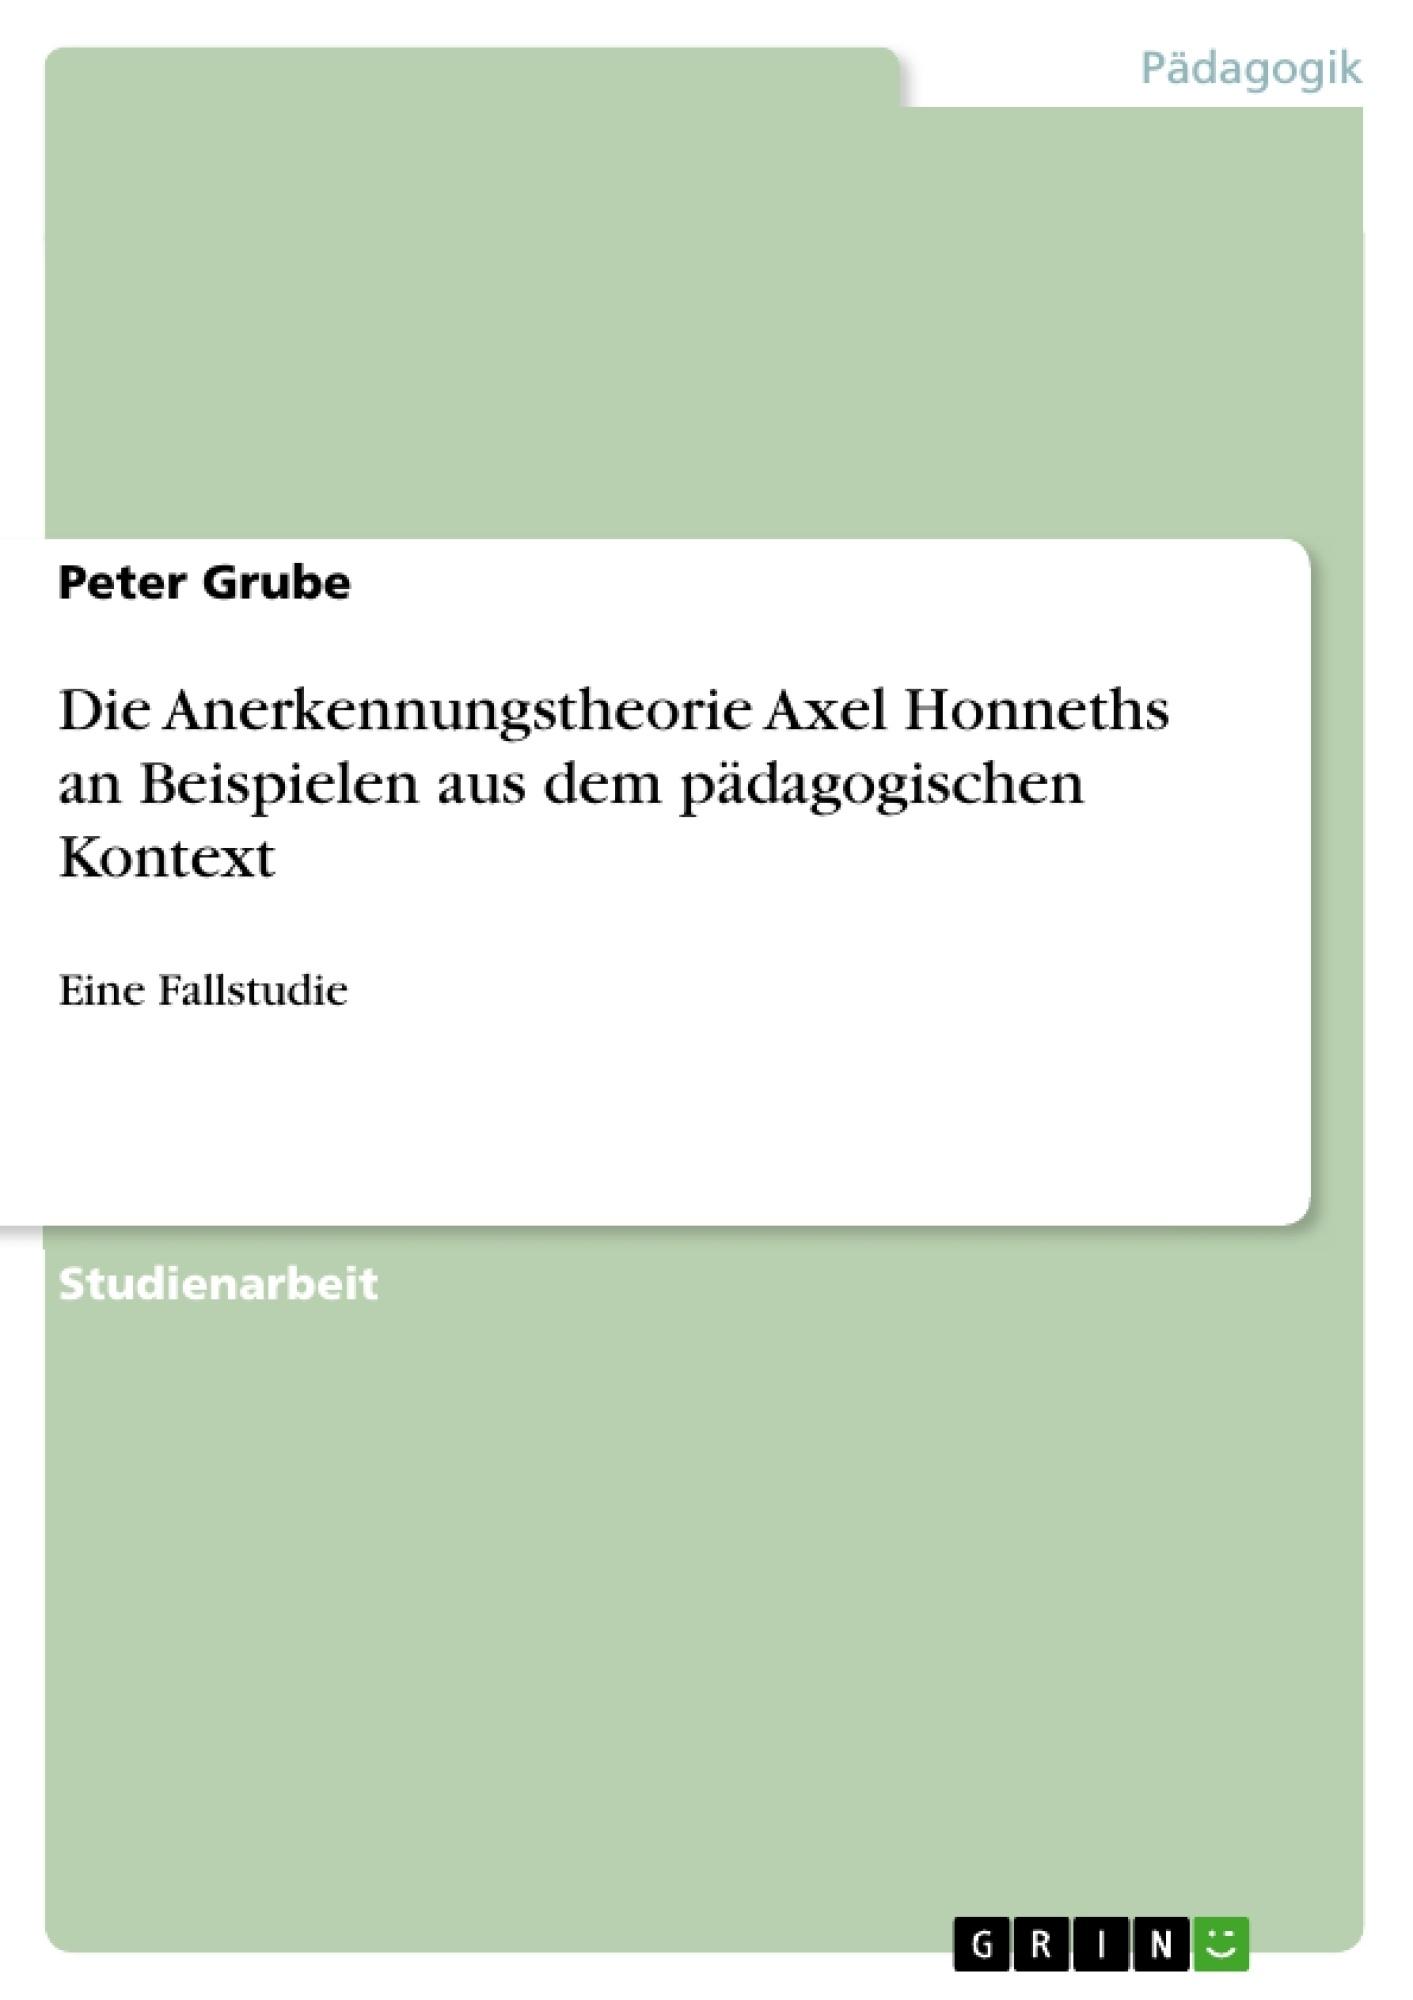 Titel: Die Anerkennungstheorie Axel Honneths an Beispielen aus dem pädagogischen Kontext